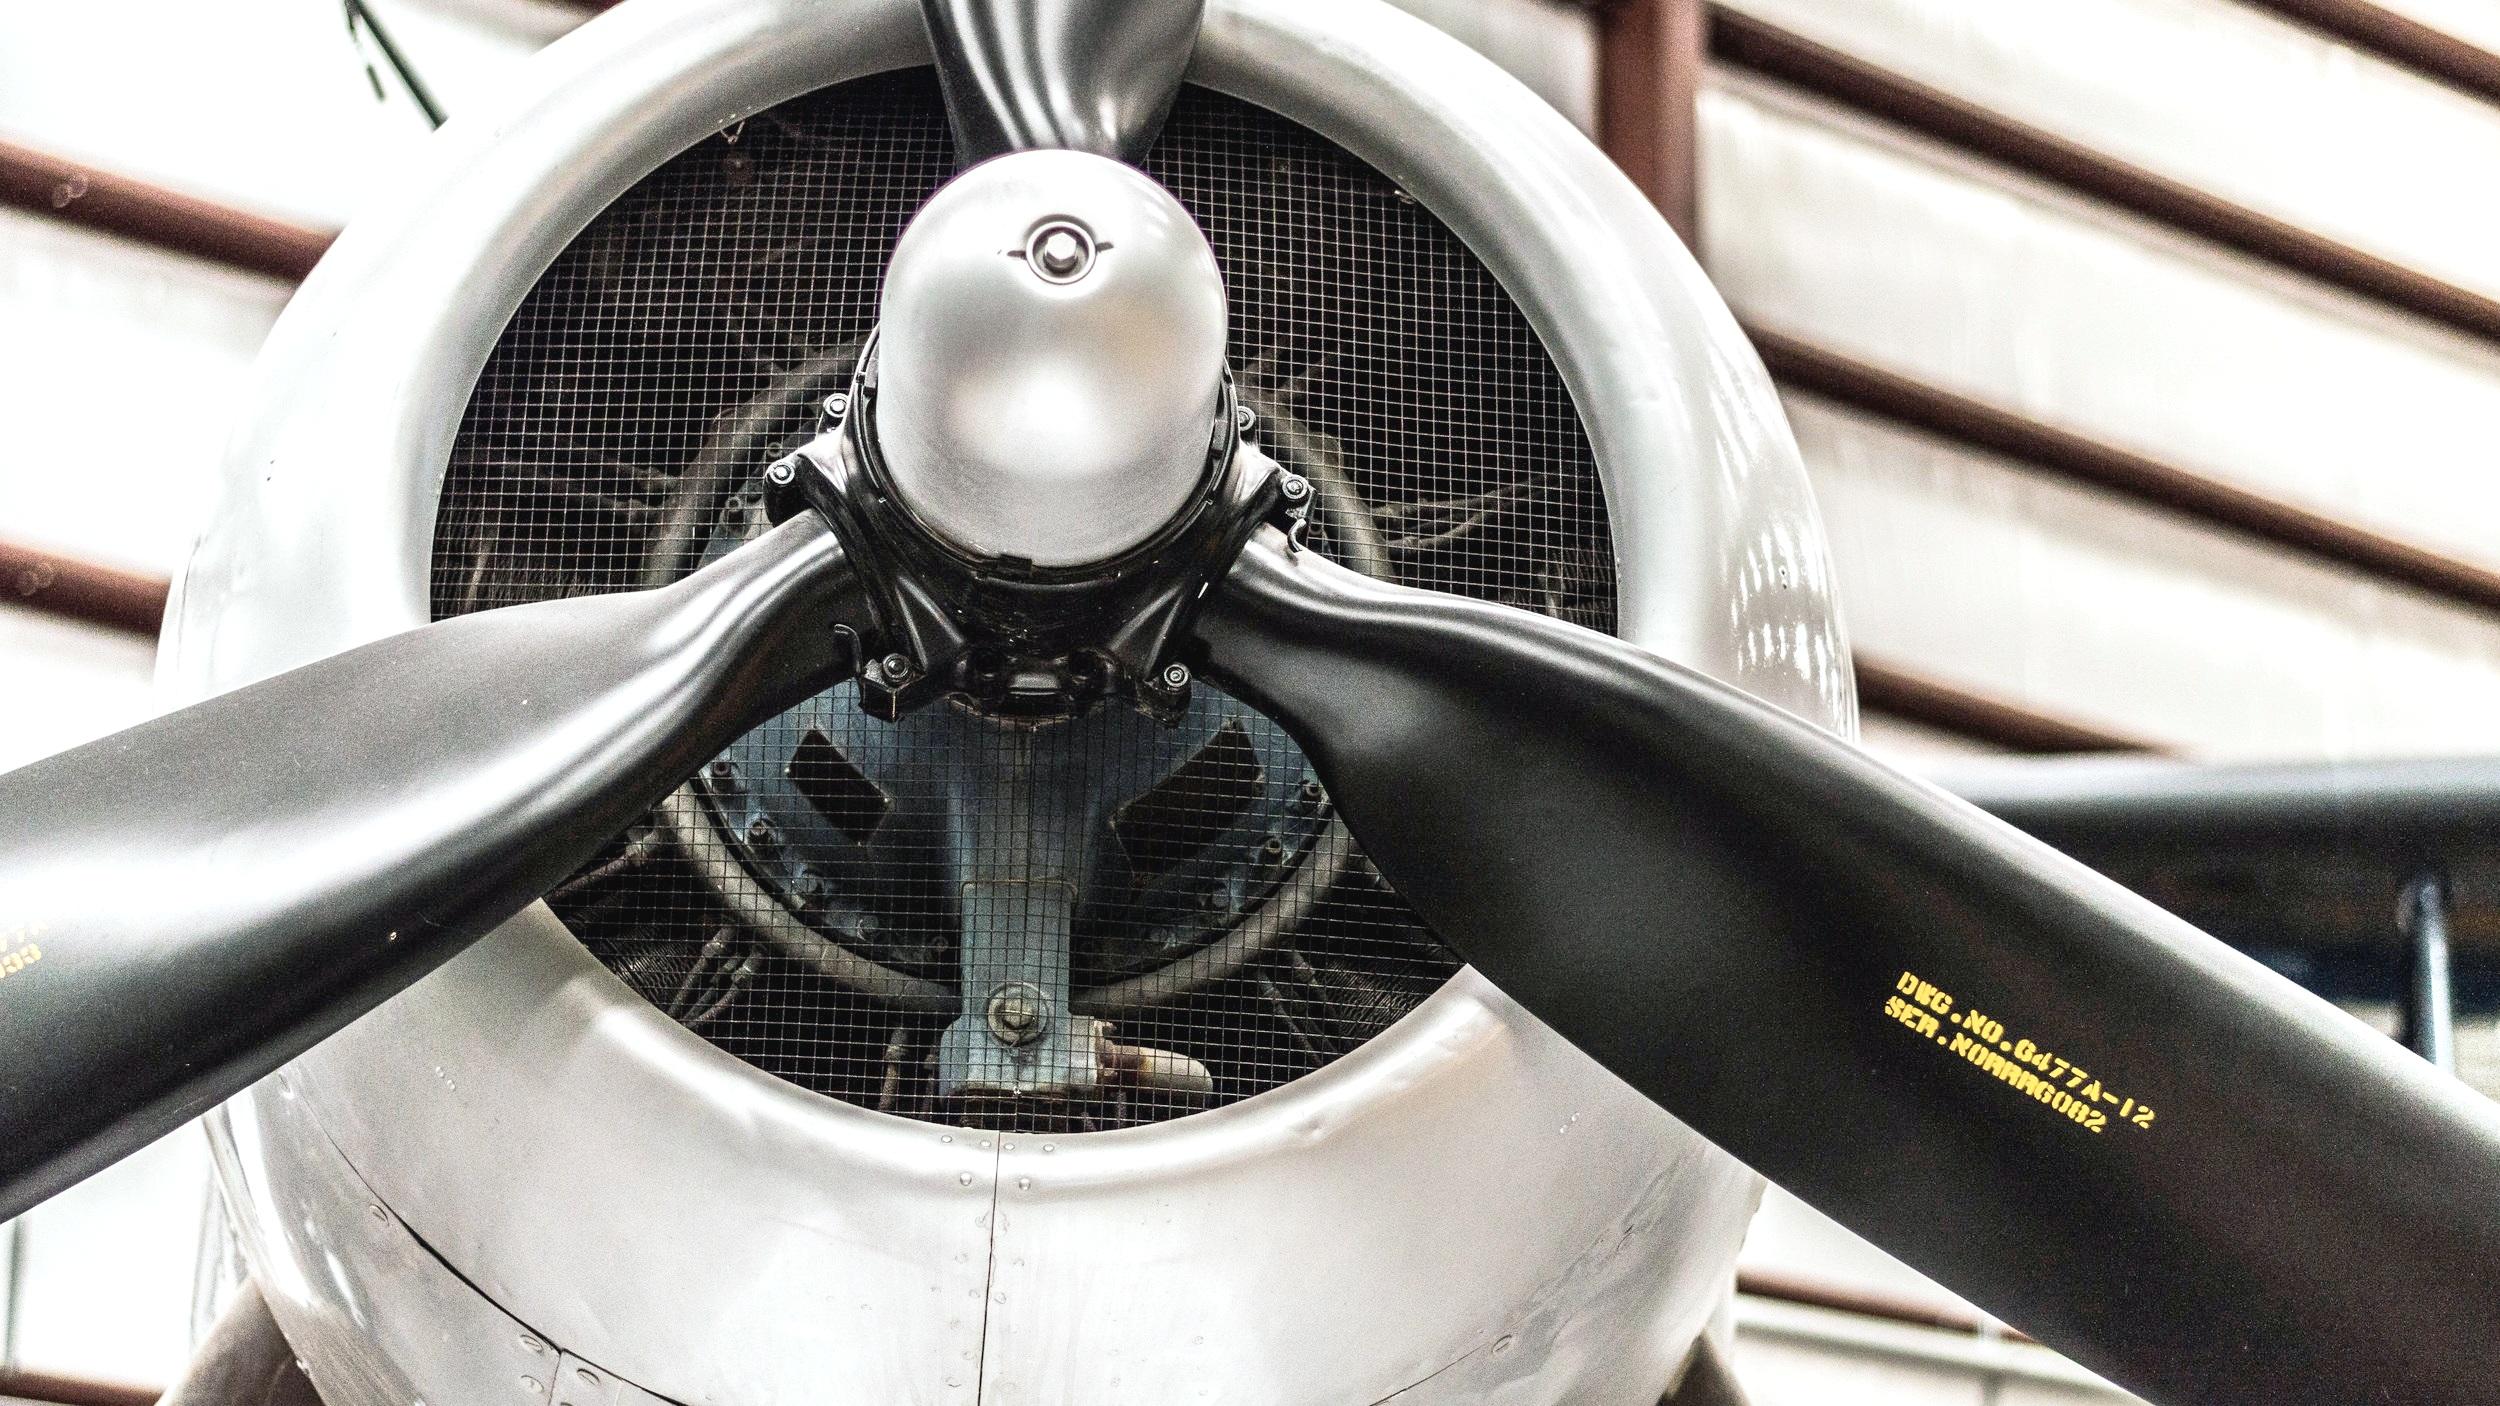 Aviation Museum - Nära flygplatsen ligger detta flygplansmuseum där över 100 olika flygplan är utställda. Bland de utställda planen finns plan från både första- och andra världskriget.